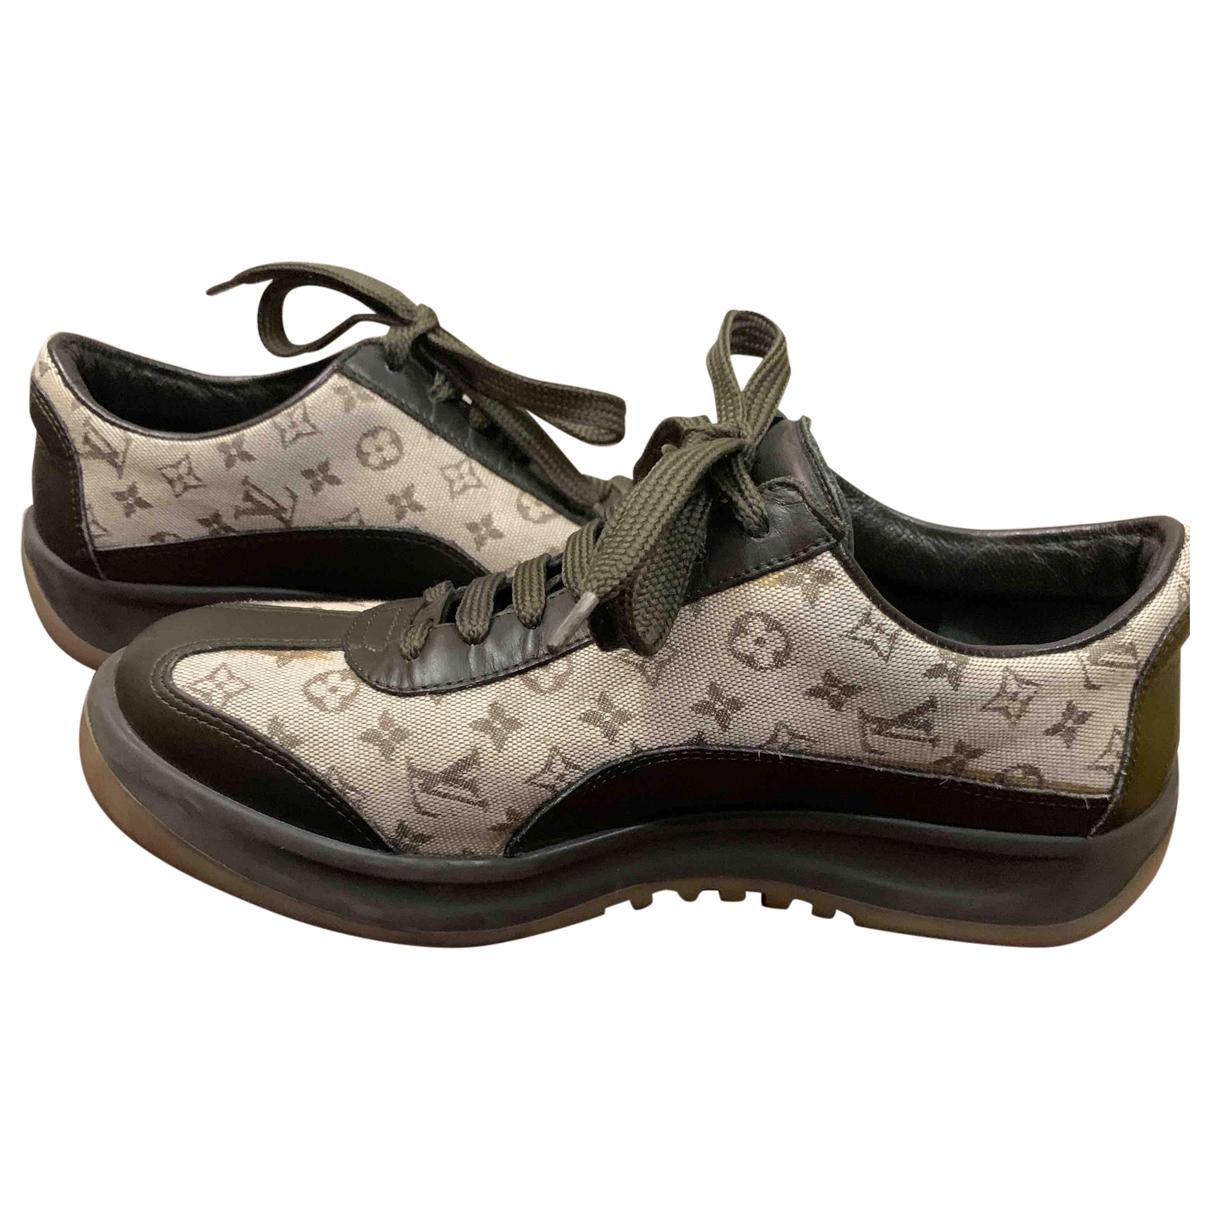 Louis Vuitton - Baskets   pour femme en toile - gris